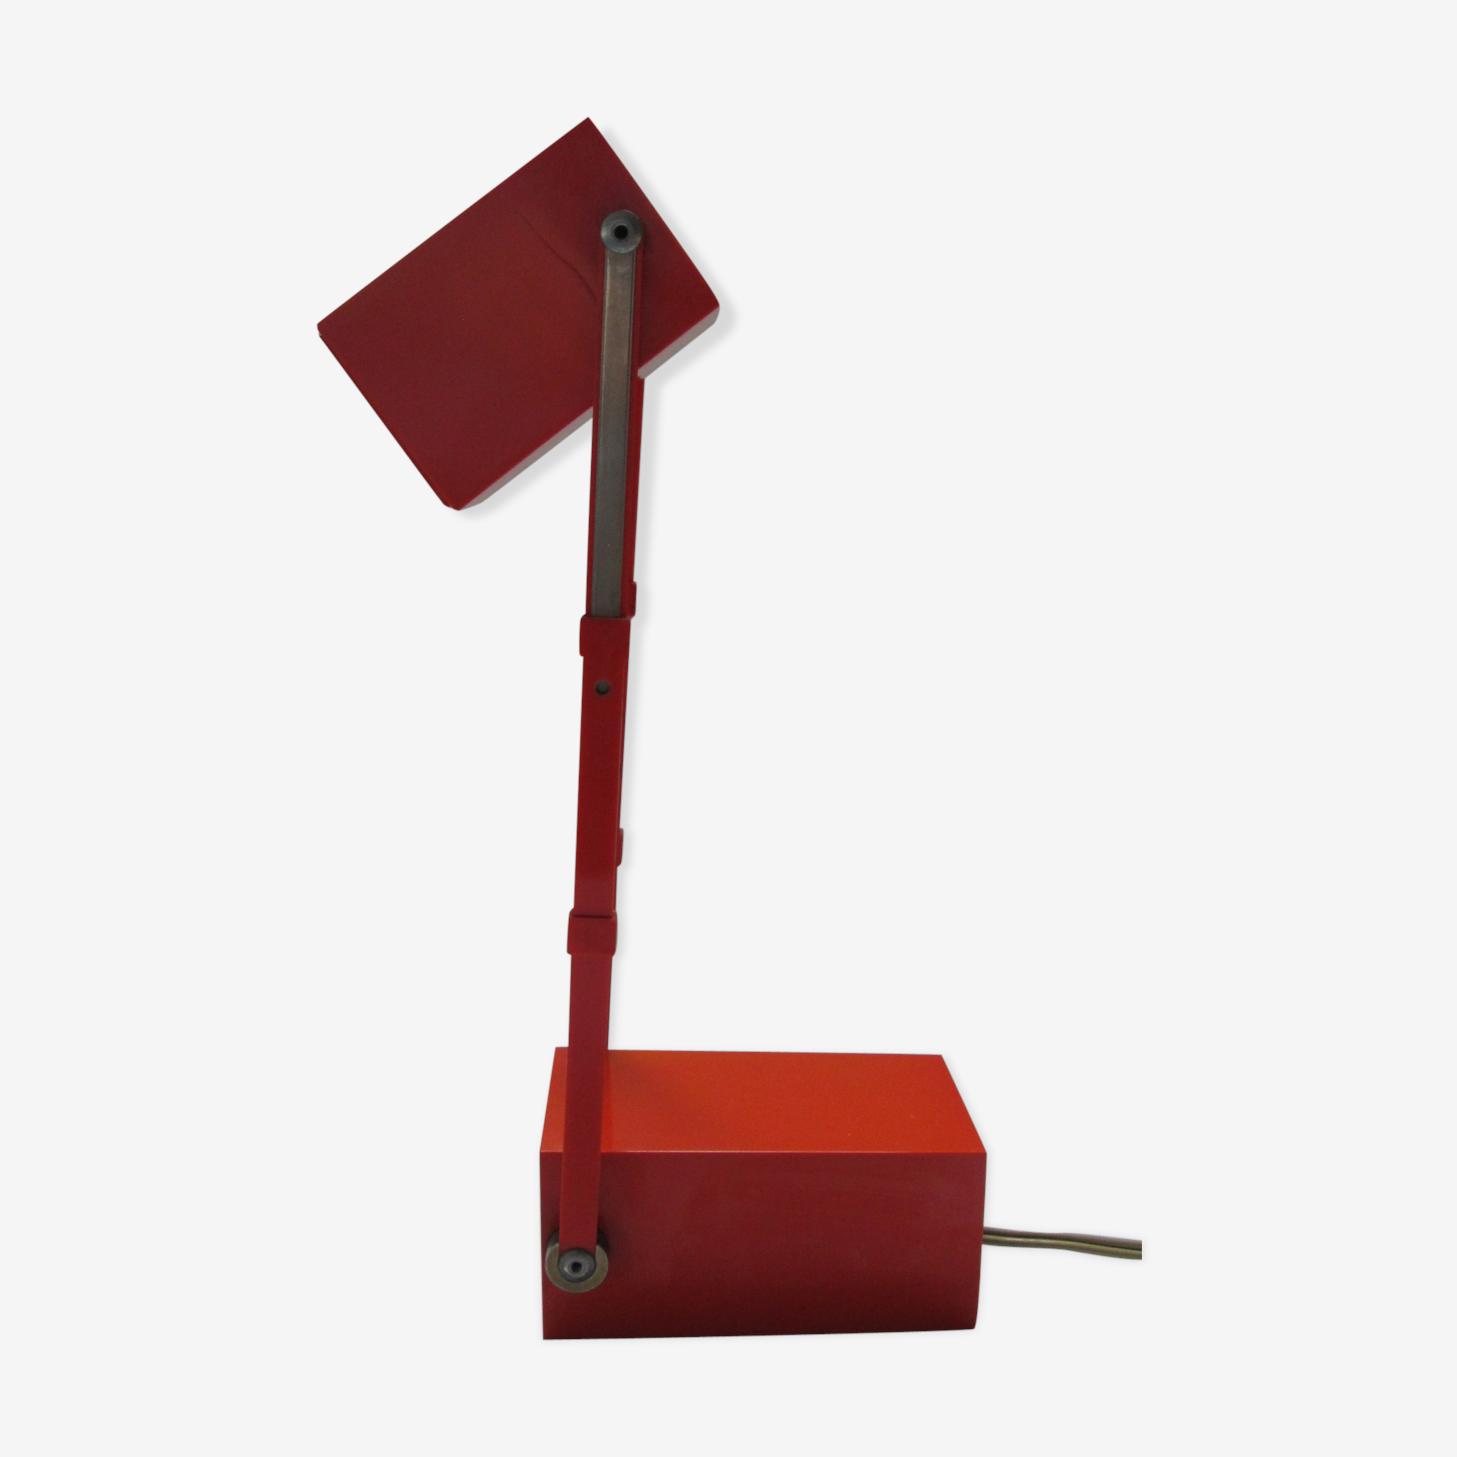 Lampe de bureau danois Verner Panton pour Louis Poulsen 1966